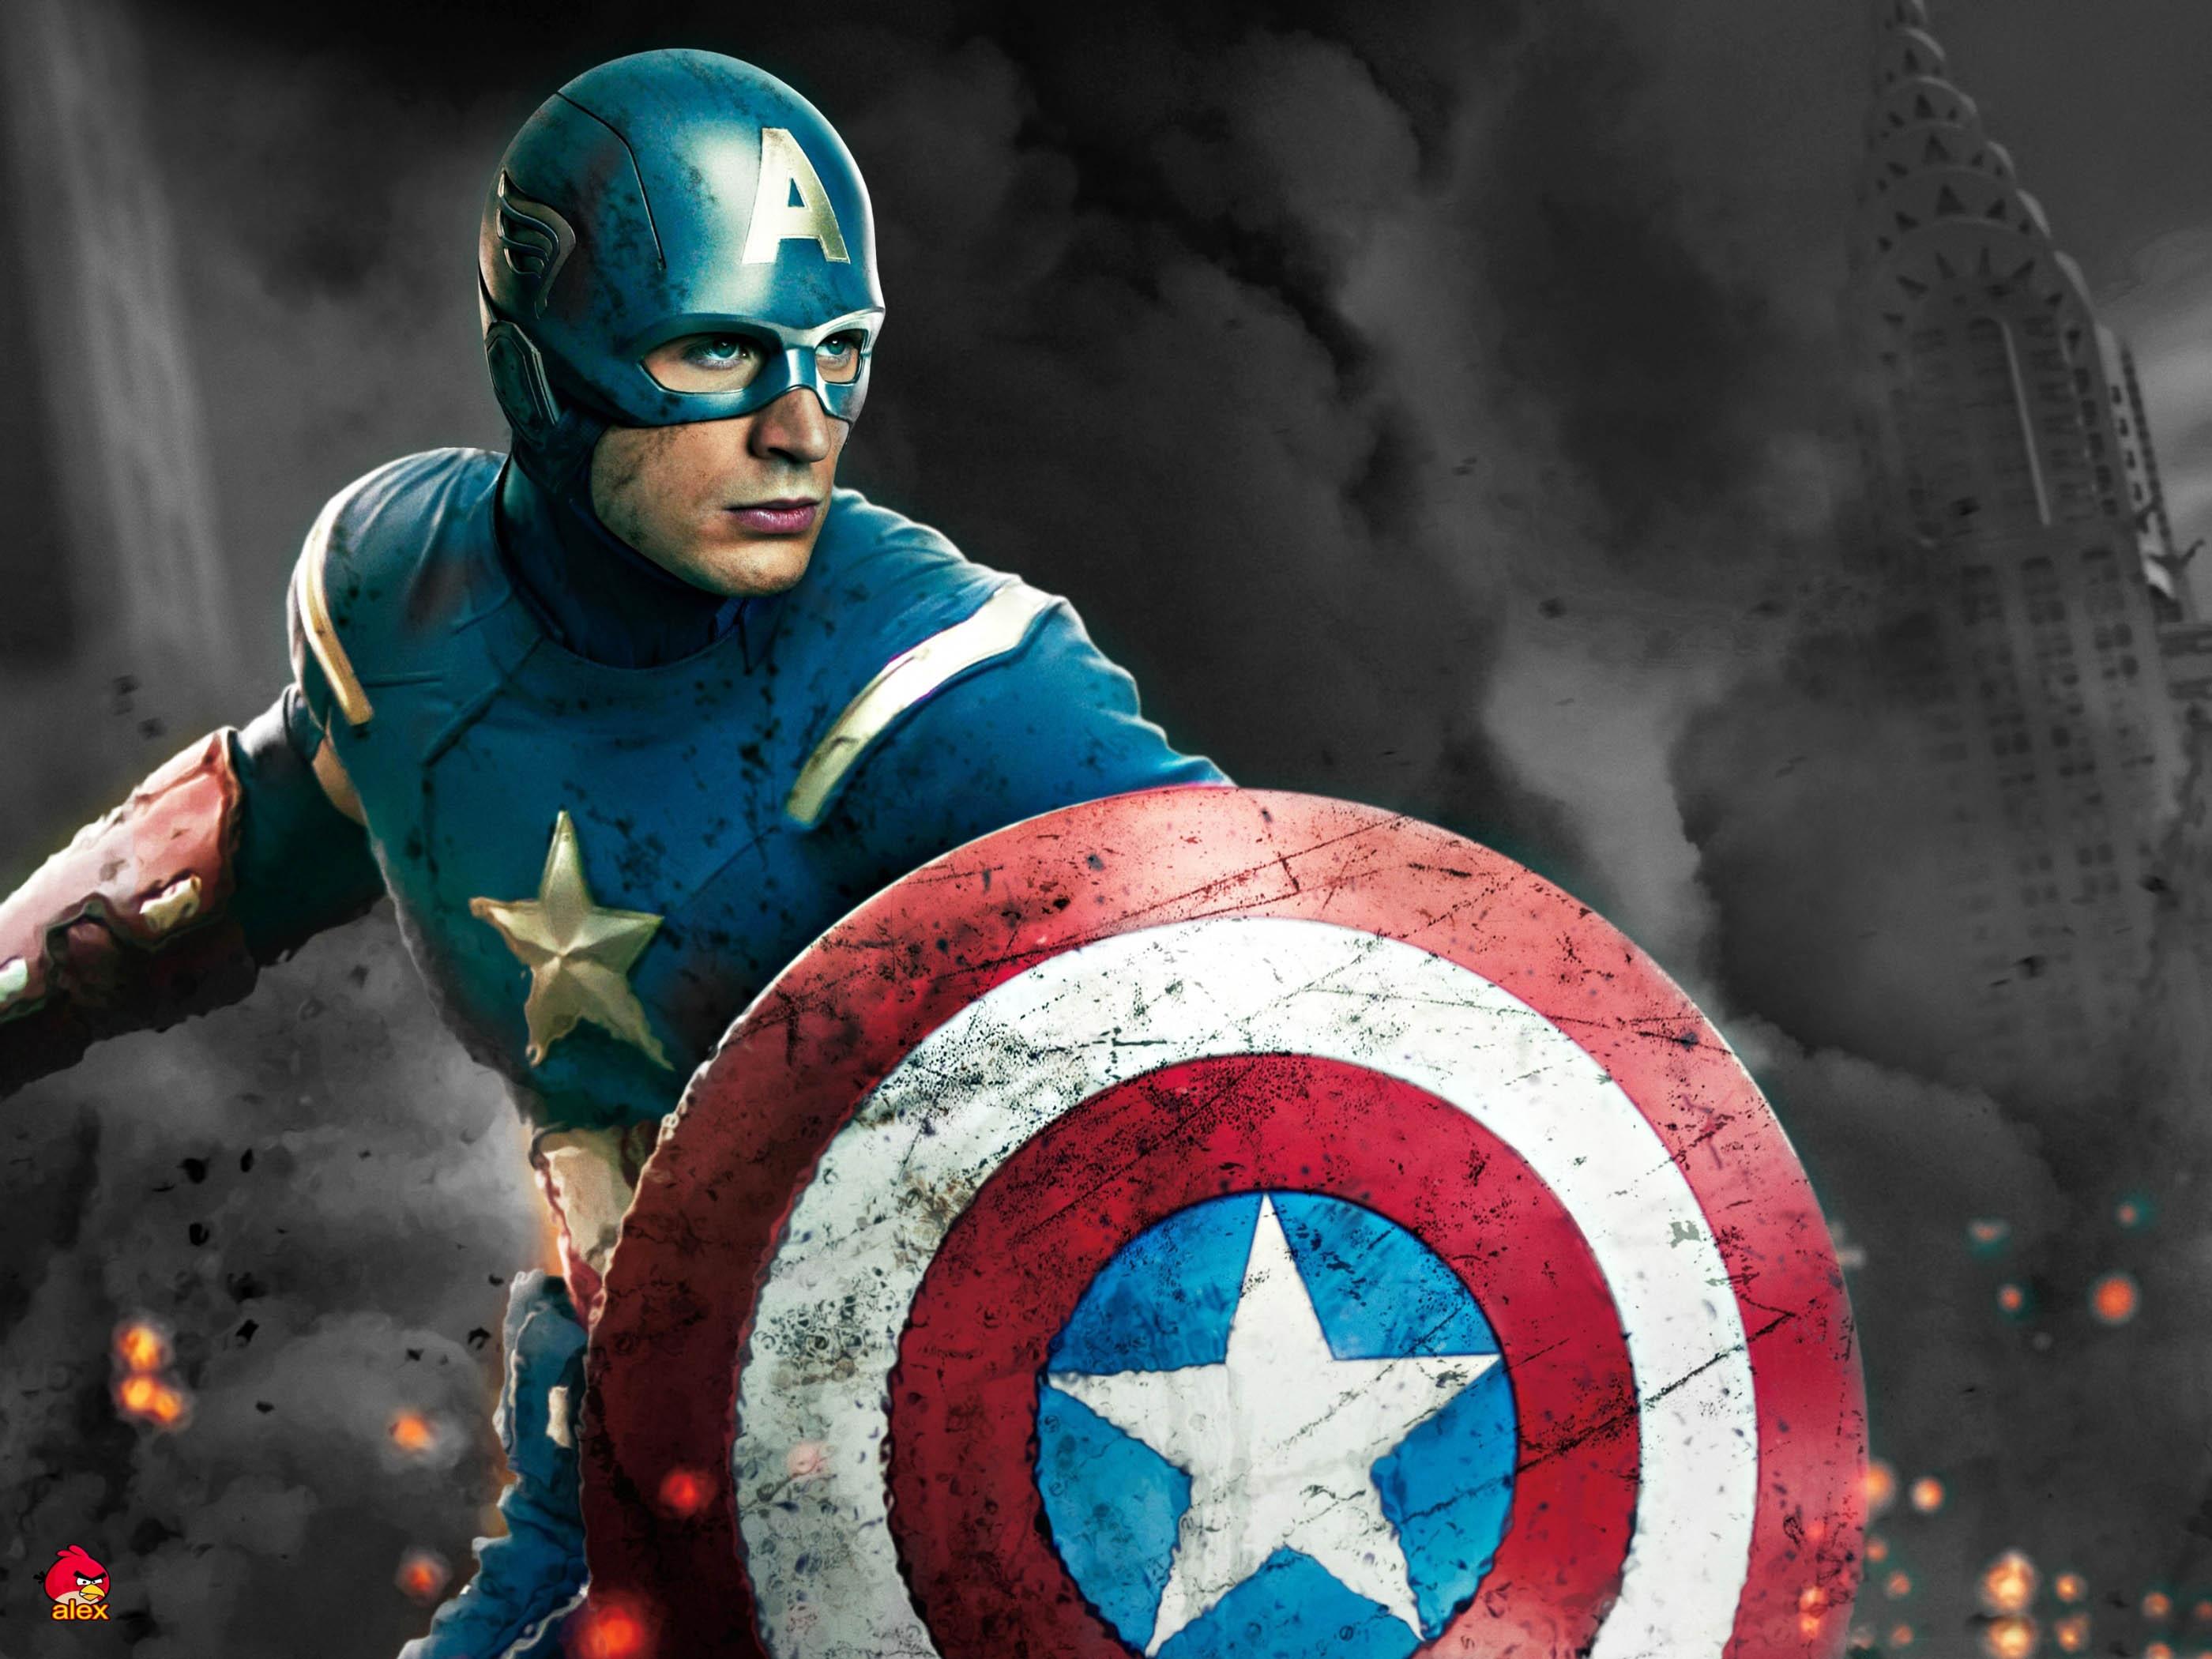 Những siêu anh hùng có cốt truyện hay nhất (Phần 1)